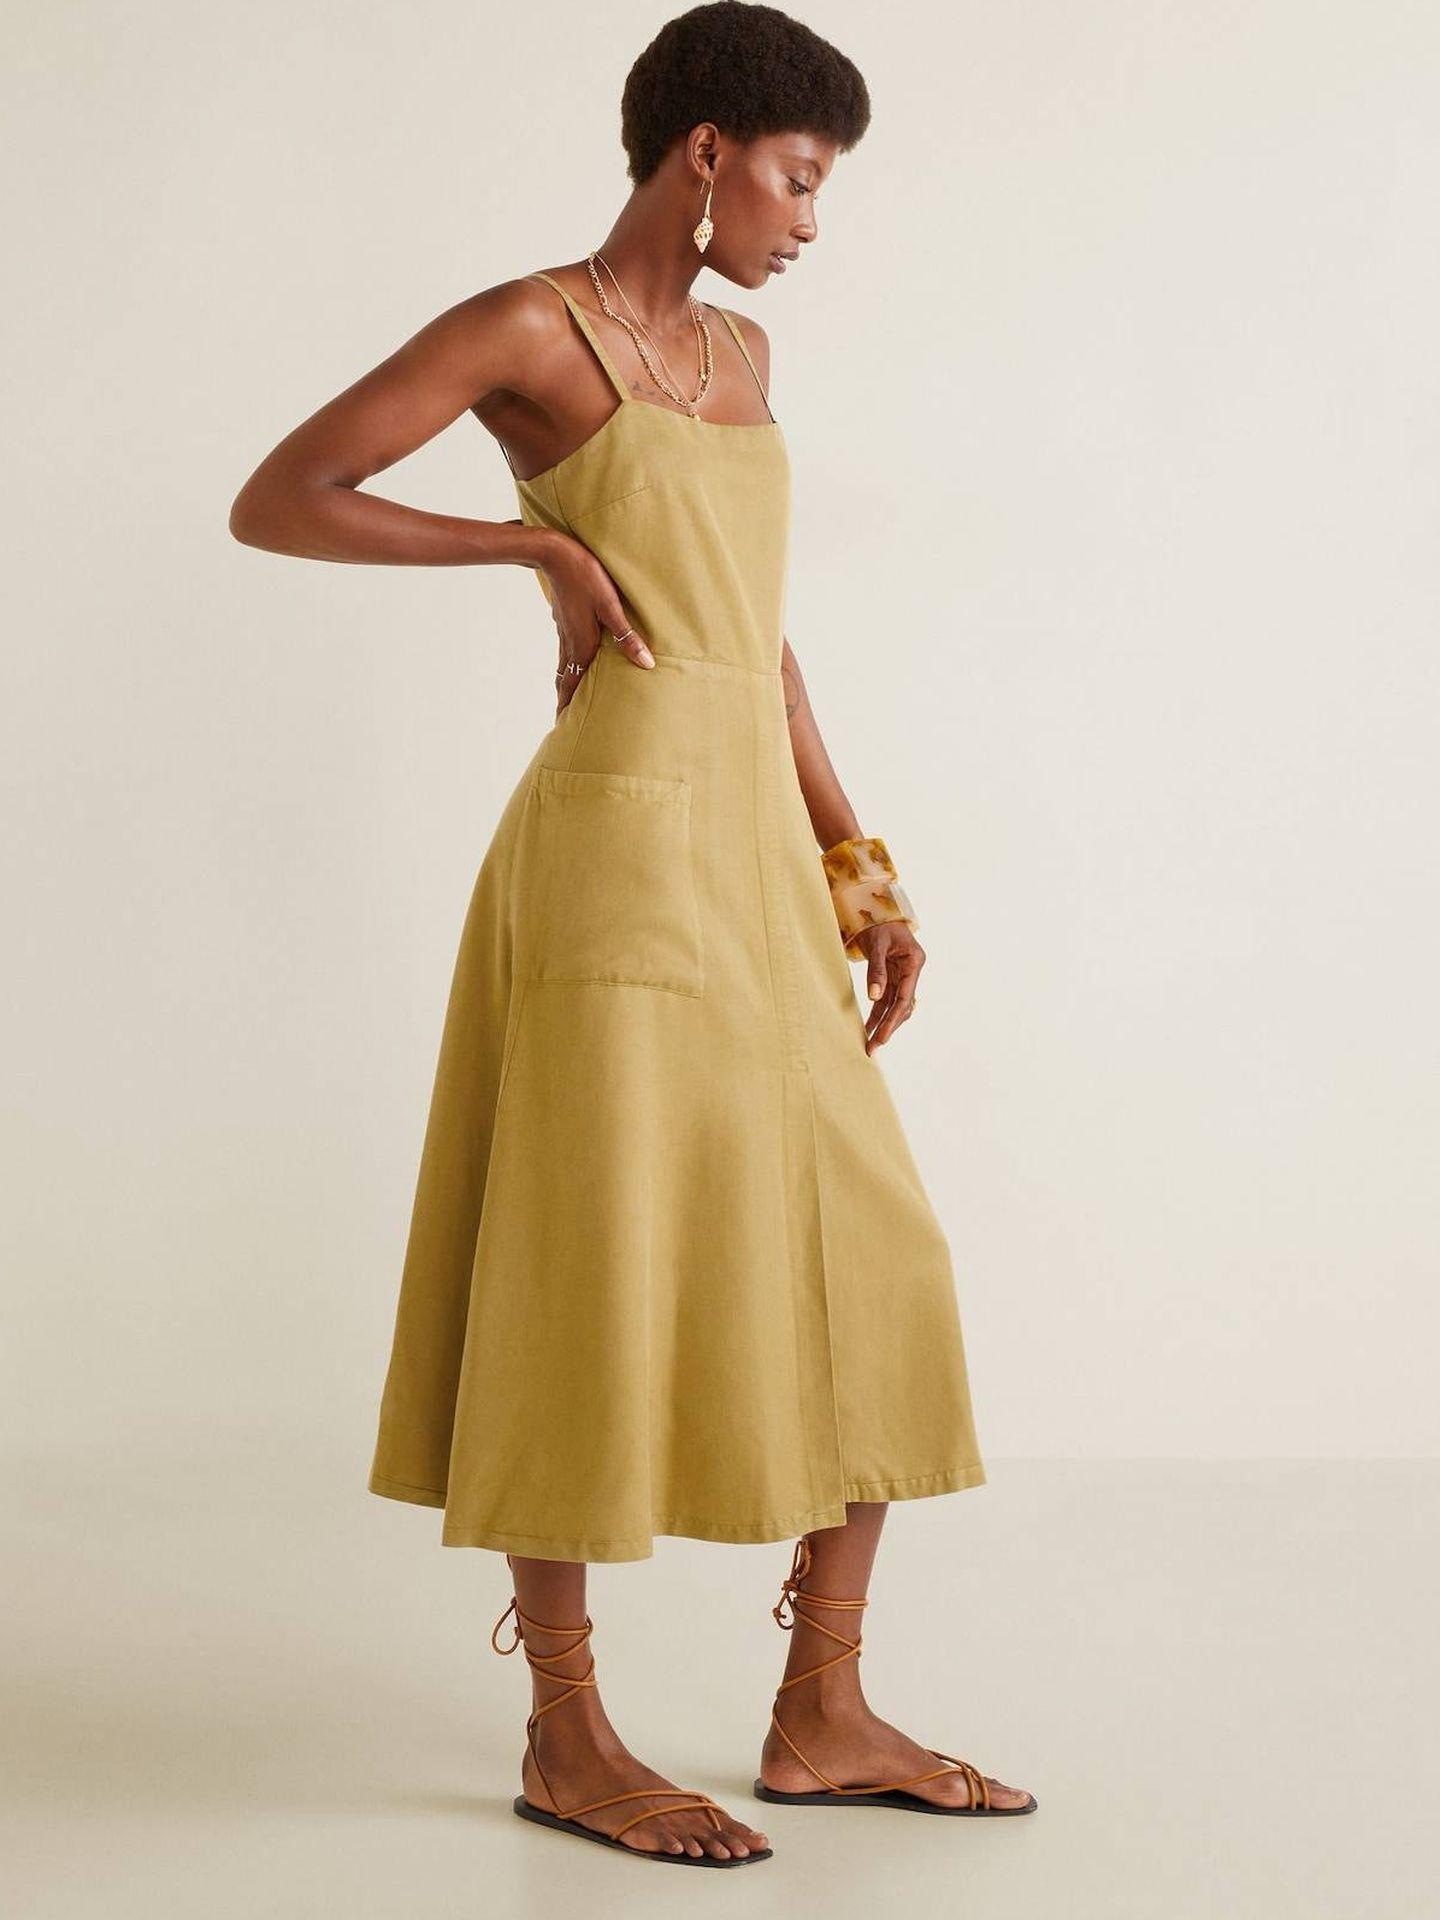 Vestido de Mango Outlet. (Cortesía)